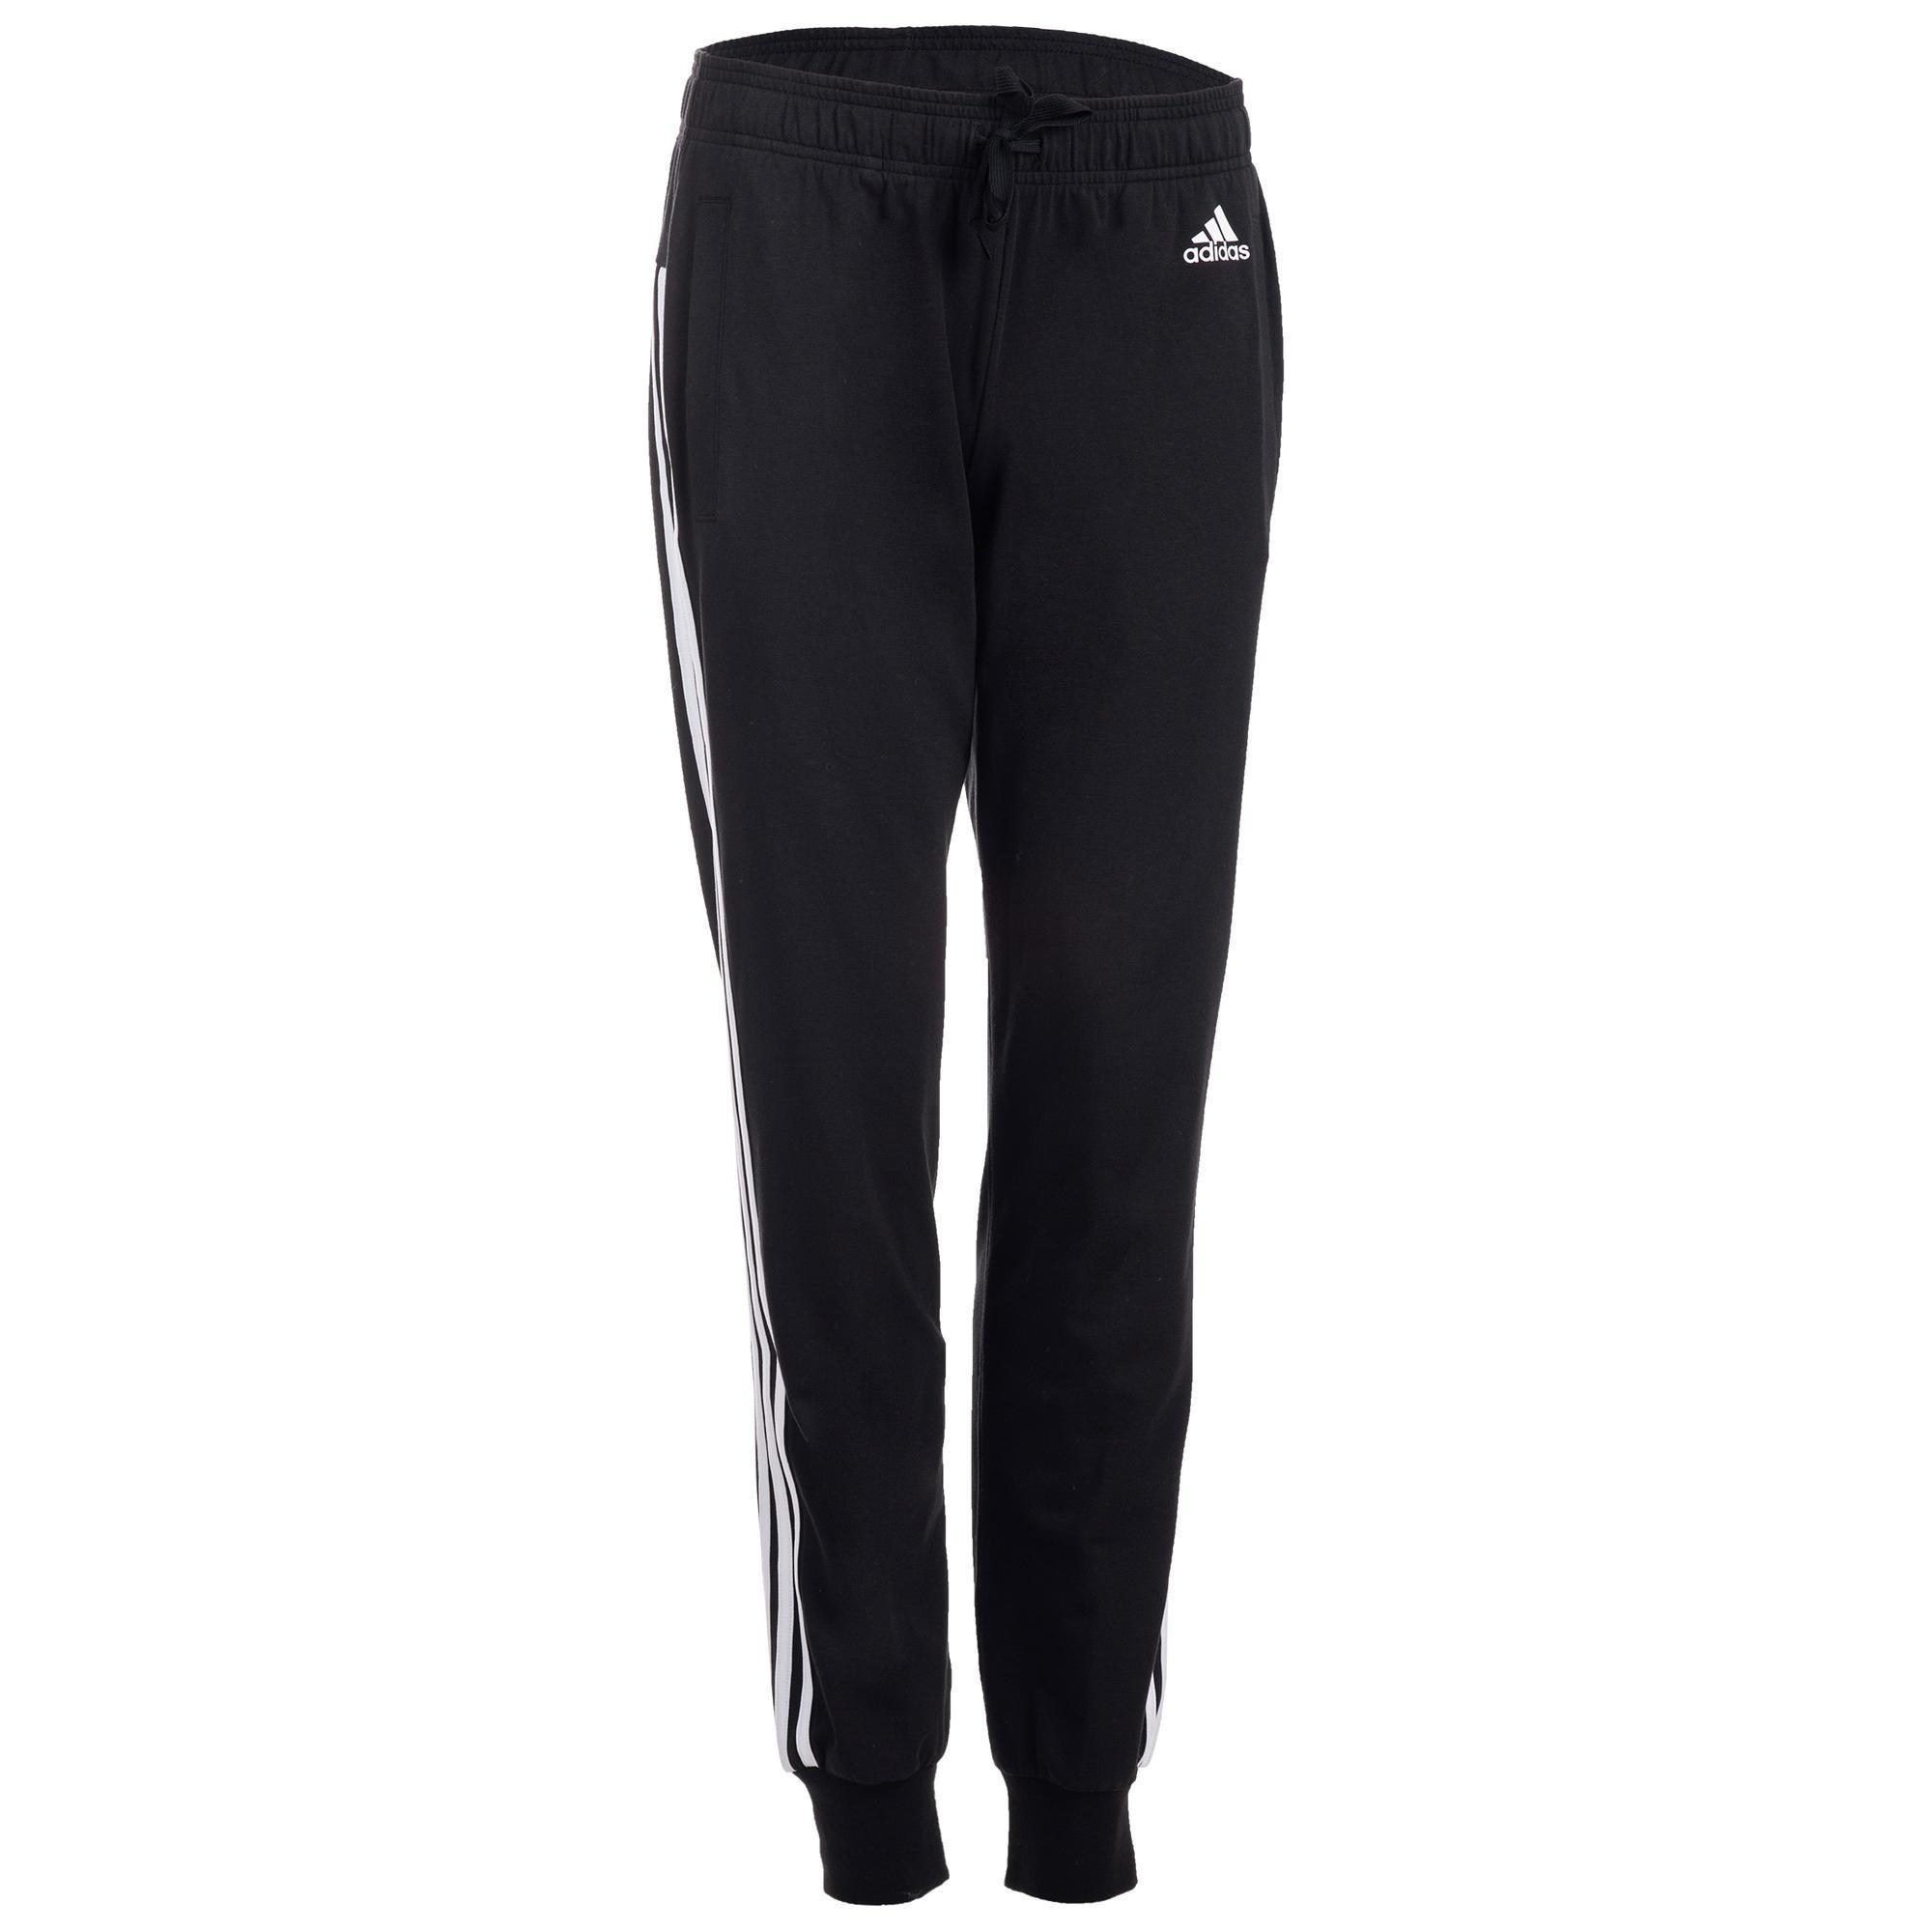 ee85aaa68f0cf Pantalones Adidas - Decathlon